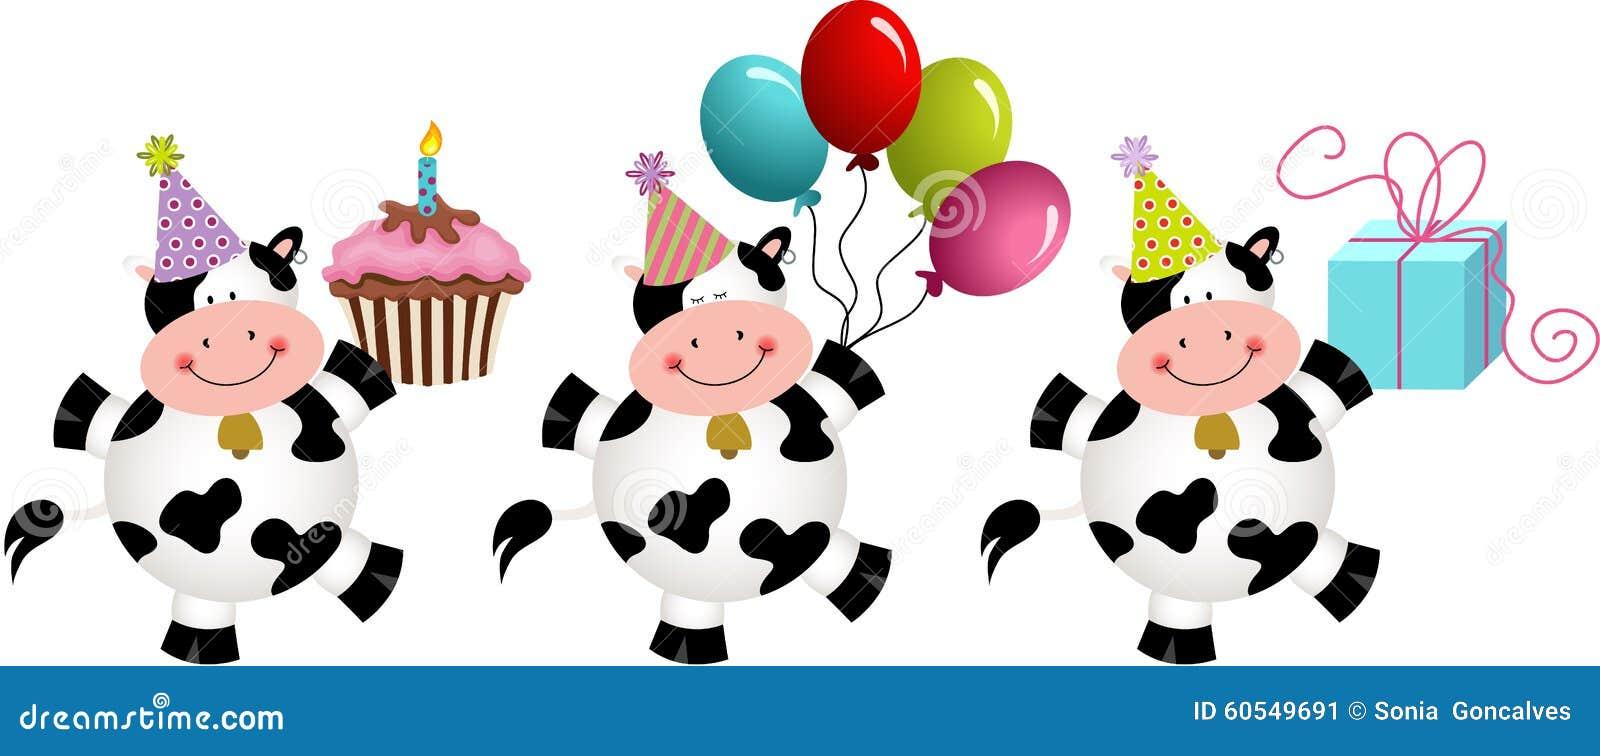 roliga bilder till födelsedag Roliga Kor Stock Illustrationer, Vektorer, & Clipart – (92 Stock  roliga bilder till födelsedag